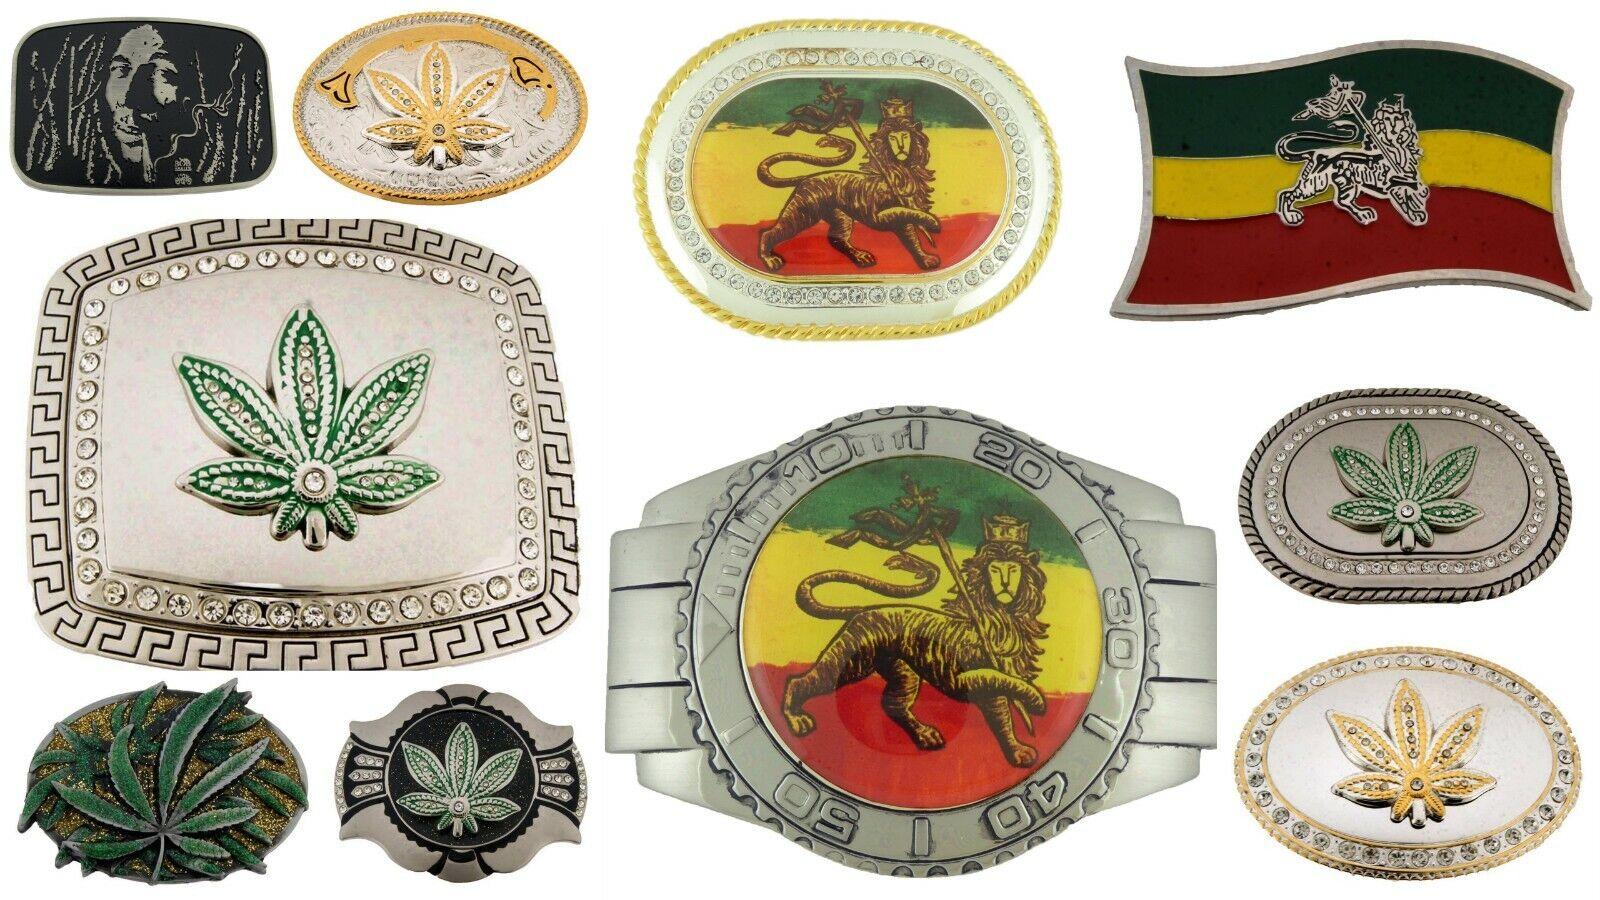 10Pcs Großhandel Gürtel Schnallen Reggae Judah Gotik Tattoo Tribal Herren Metall